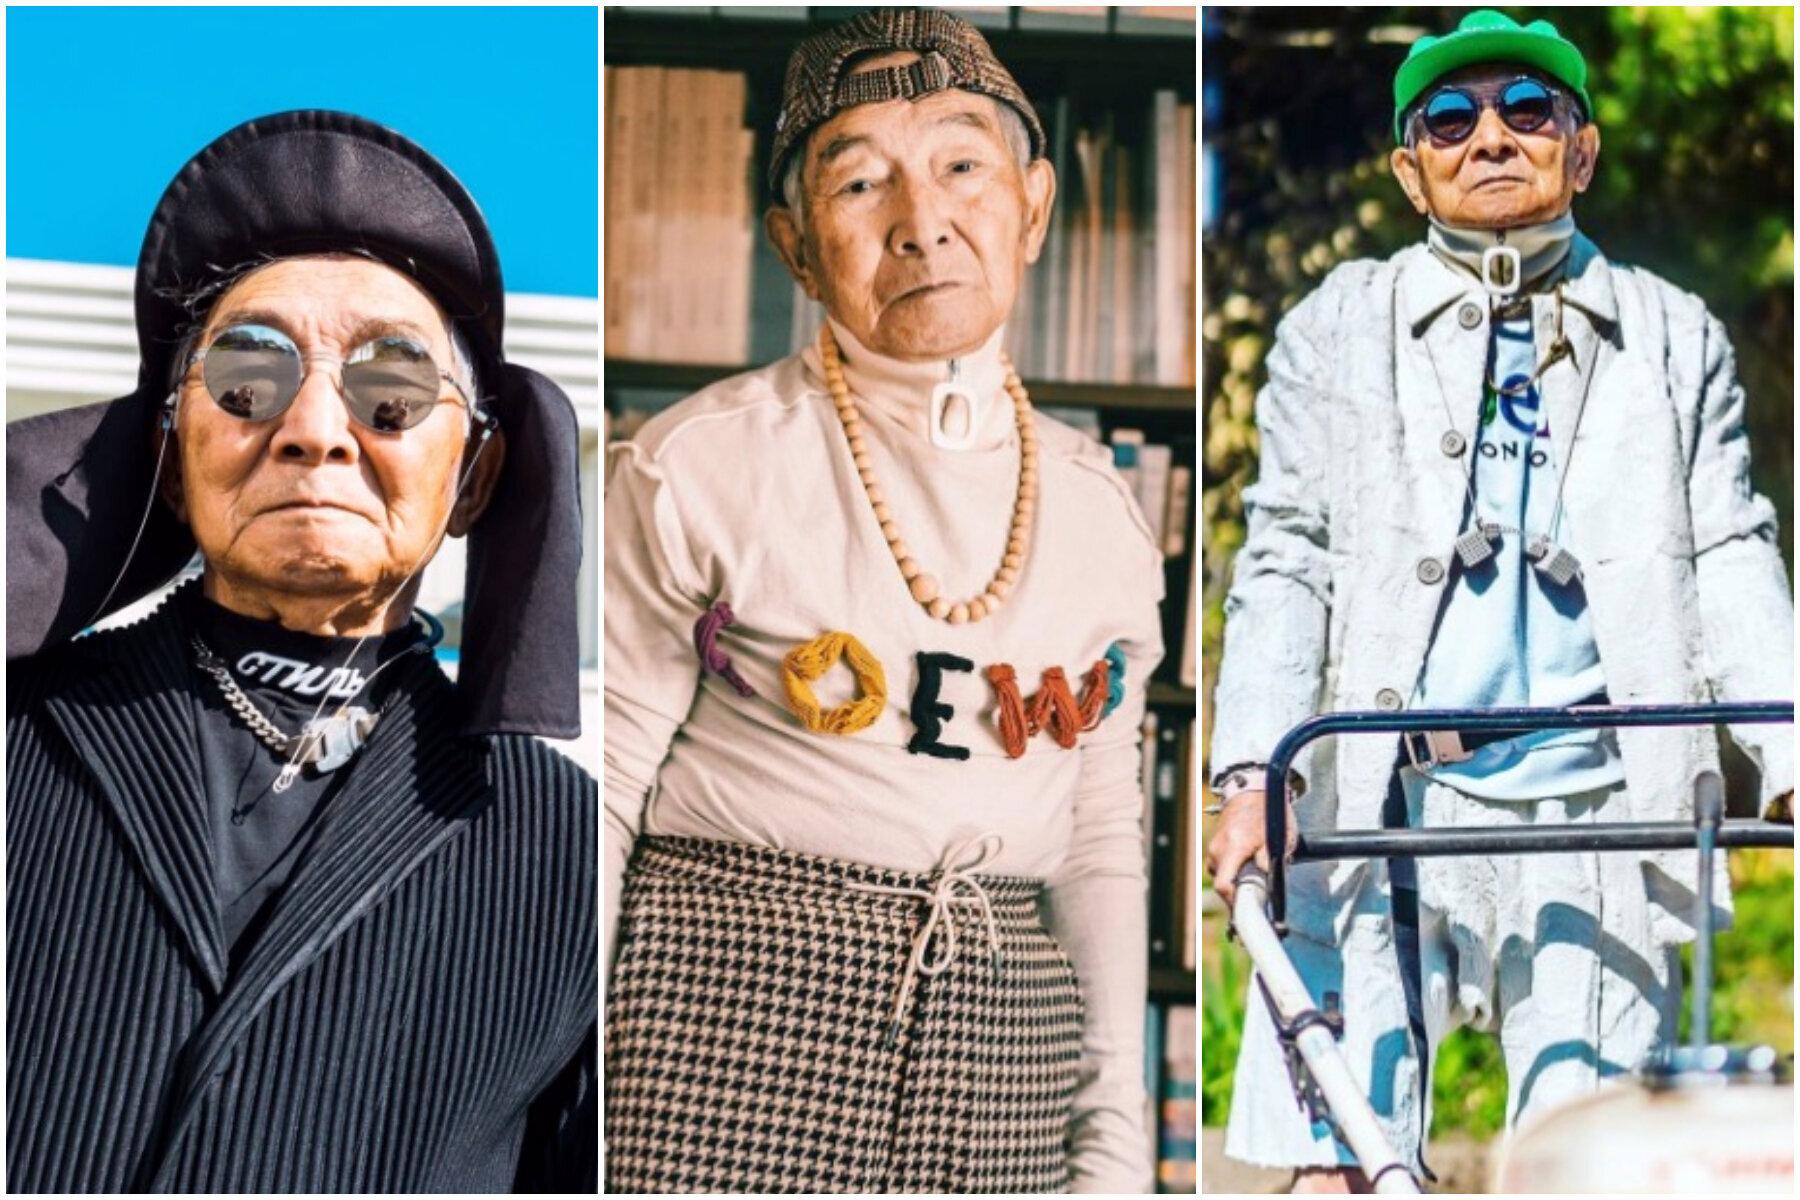 84歳のおじいちゃんに、高級ブランドの服を着せてみたら…。写真に大反響